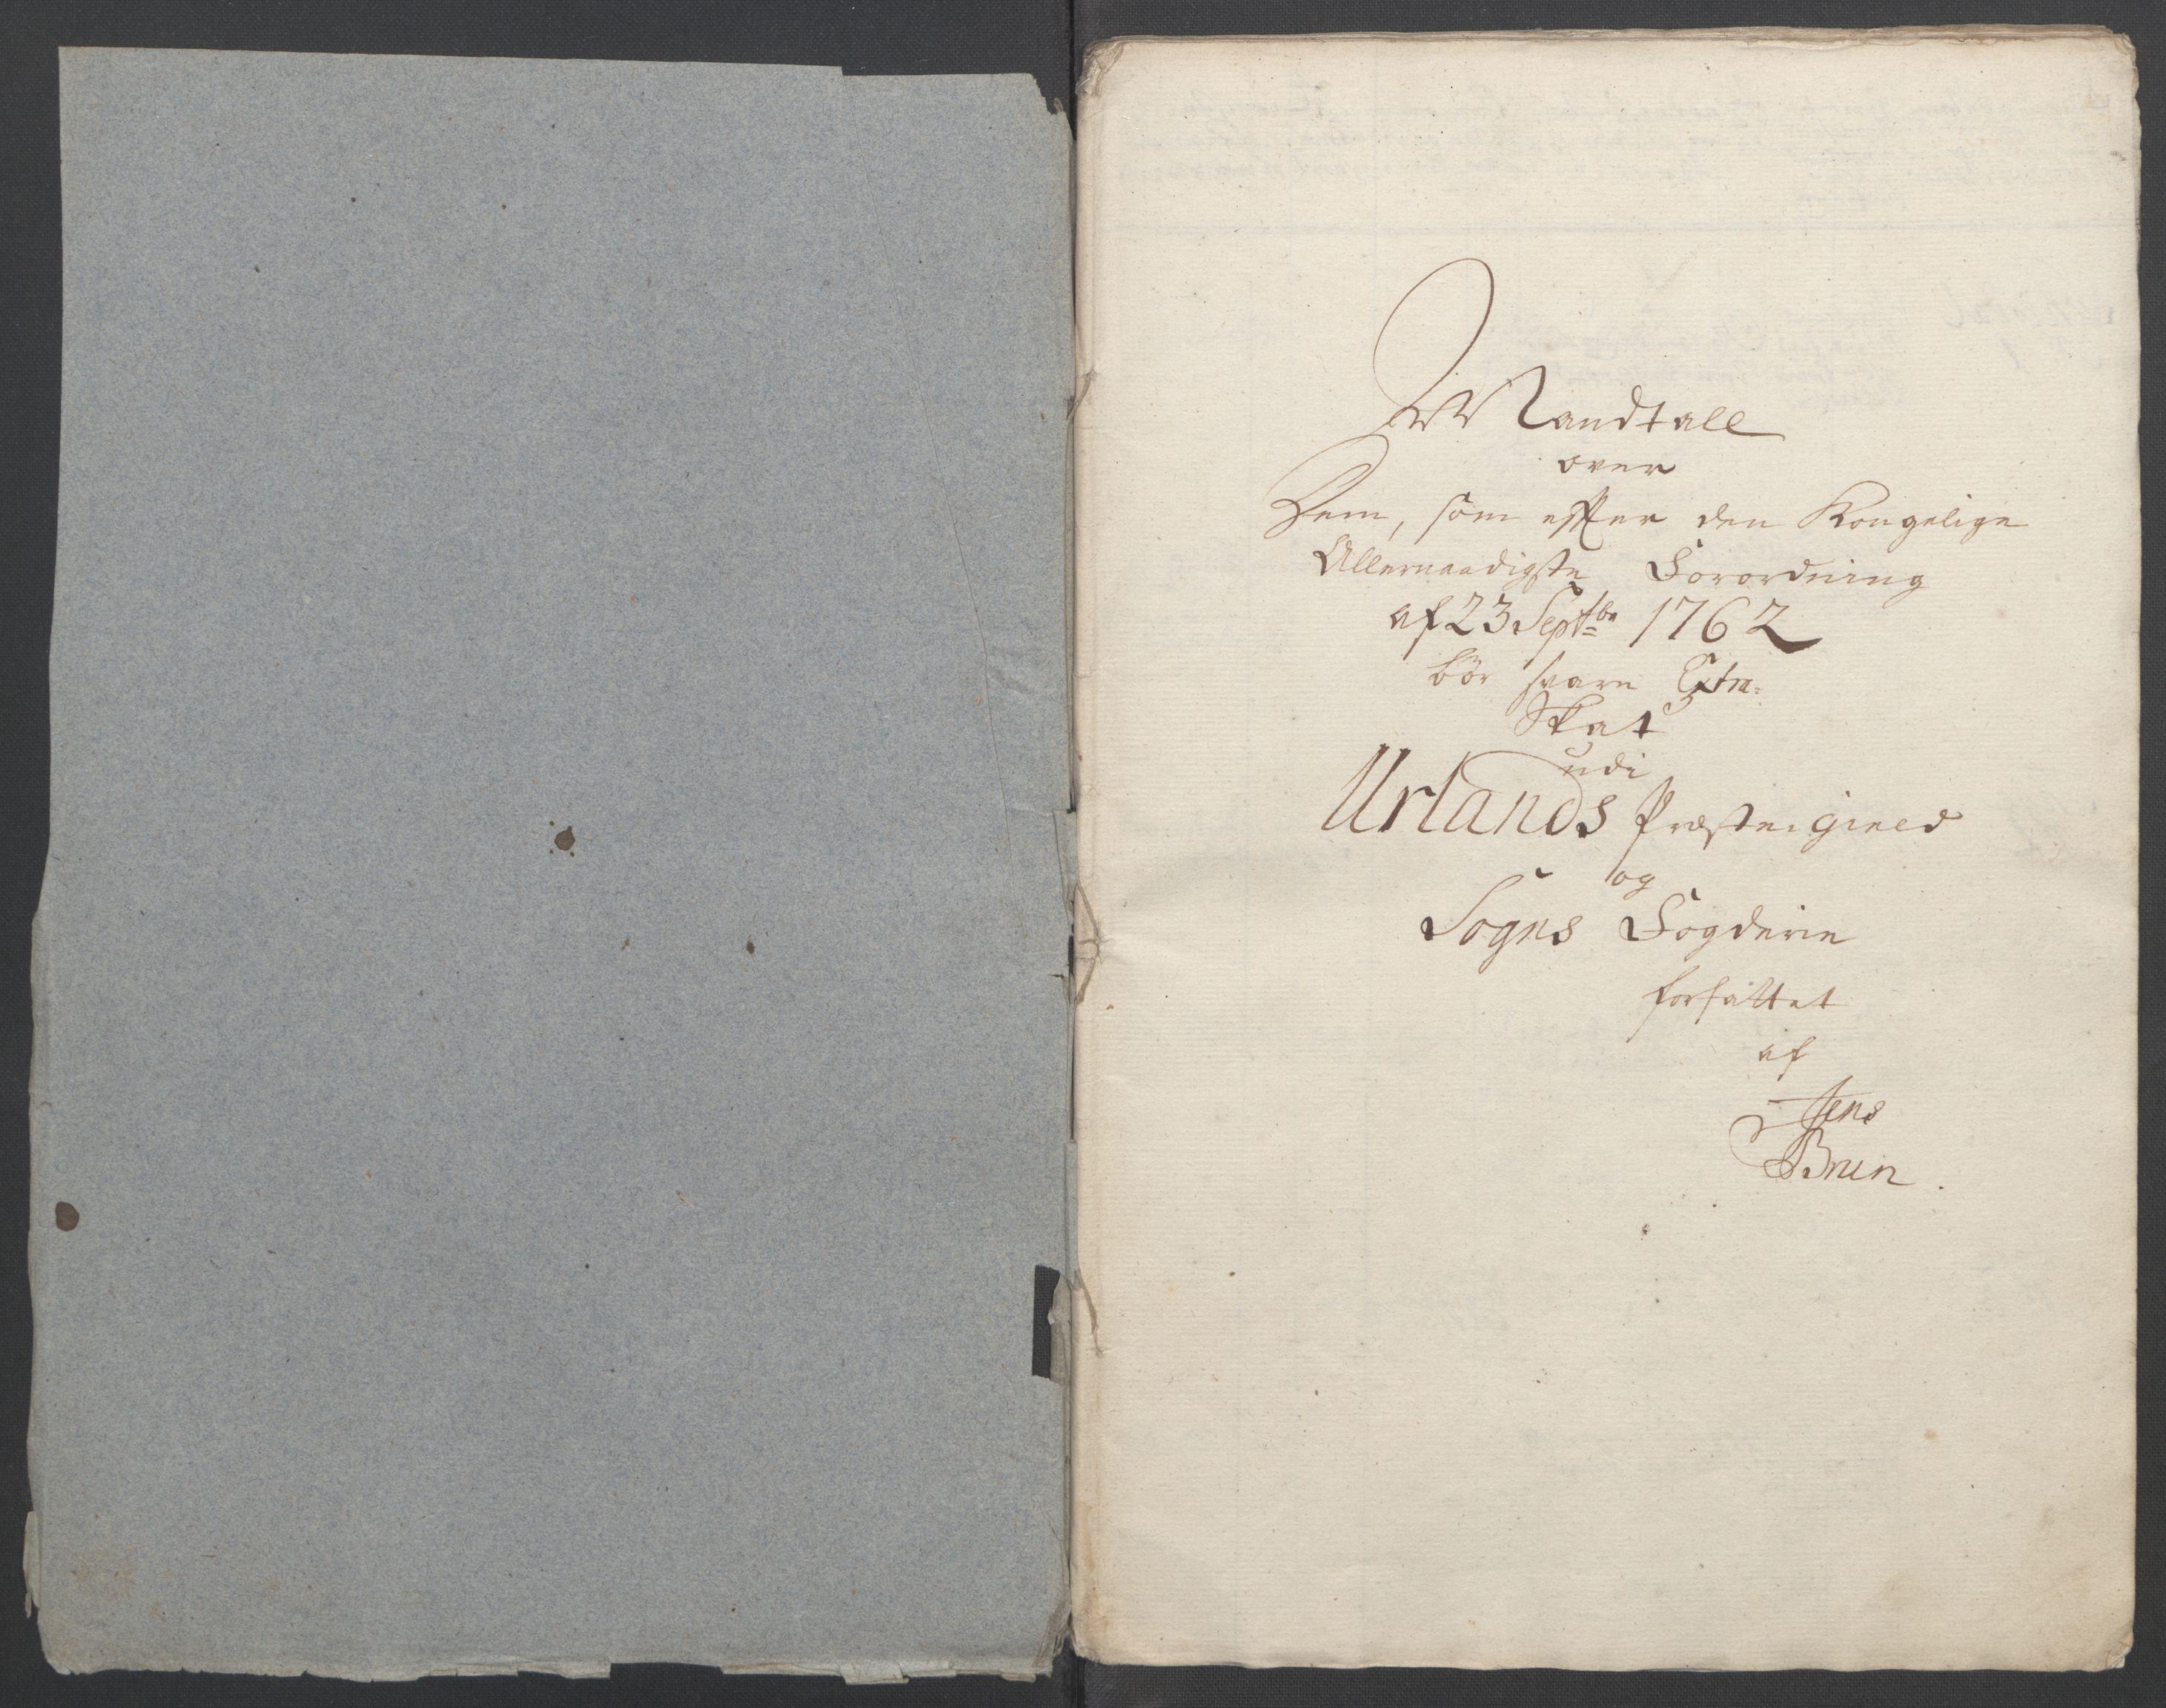 RA, Rentekammeret inntil 1814, Reviderte regnskaper, Fogderegnskap, R52/L3418: Ekstraskatten Sogn, 1762-1769, s. 157